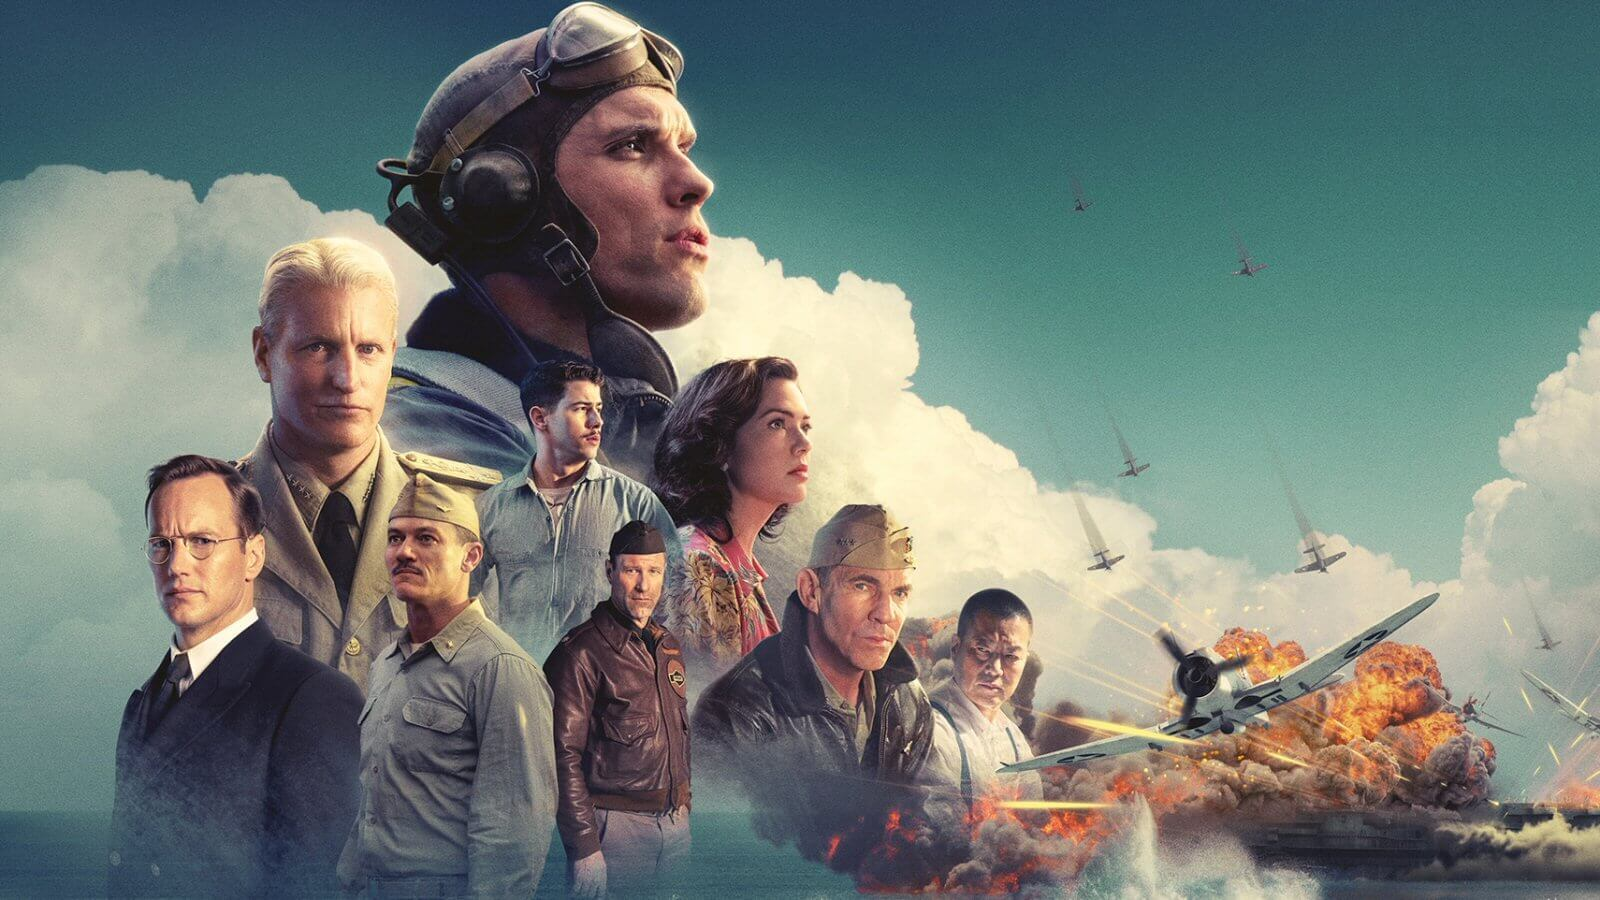 Cartaz do filme Midway: Batalha em Alto Mar - O Filme